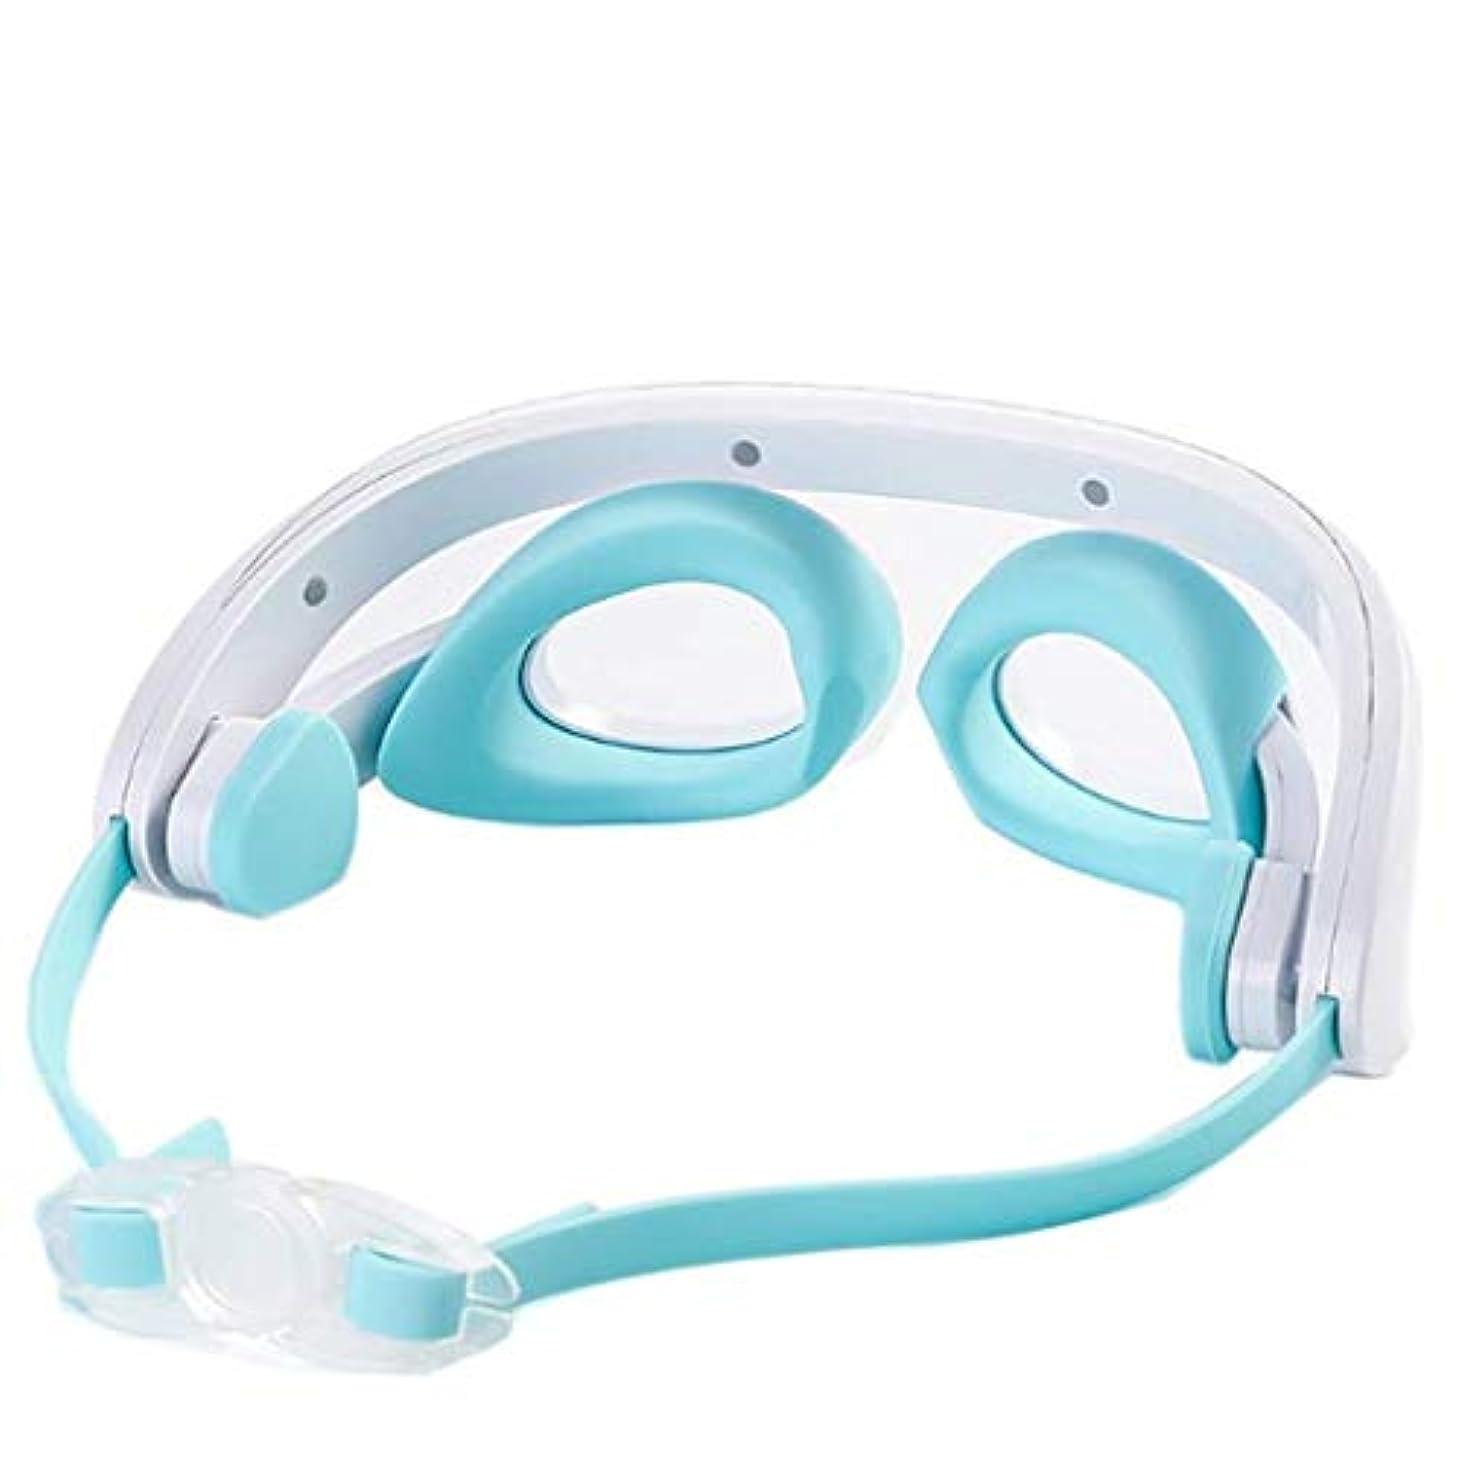 アイマッサージャー、スマートLED電動マッサージャー、3つのマッサージモード、一定温度のホットコンプレス、アイバッグとダークサークルに適した、目の疲労を軽減